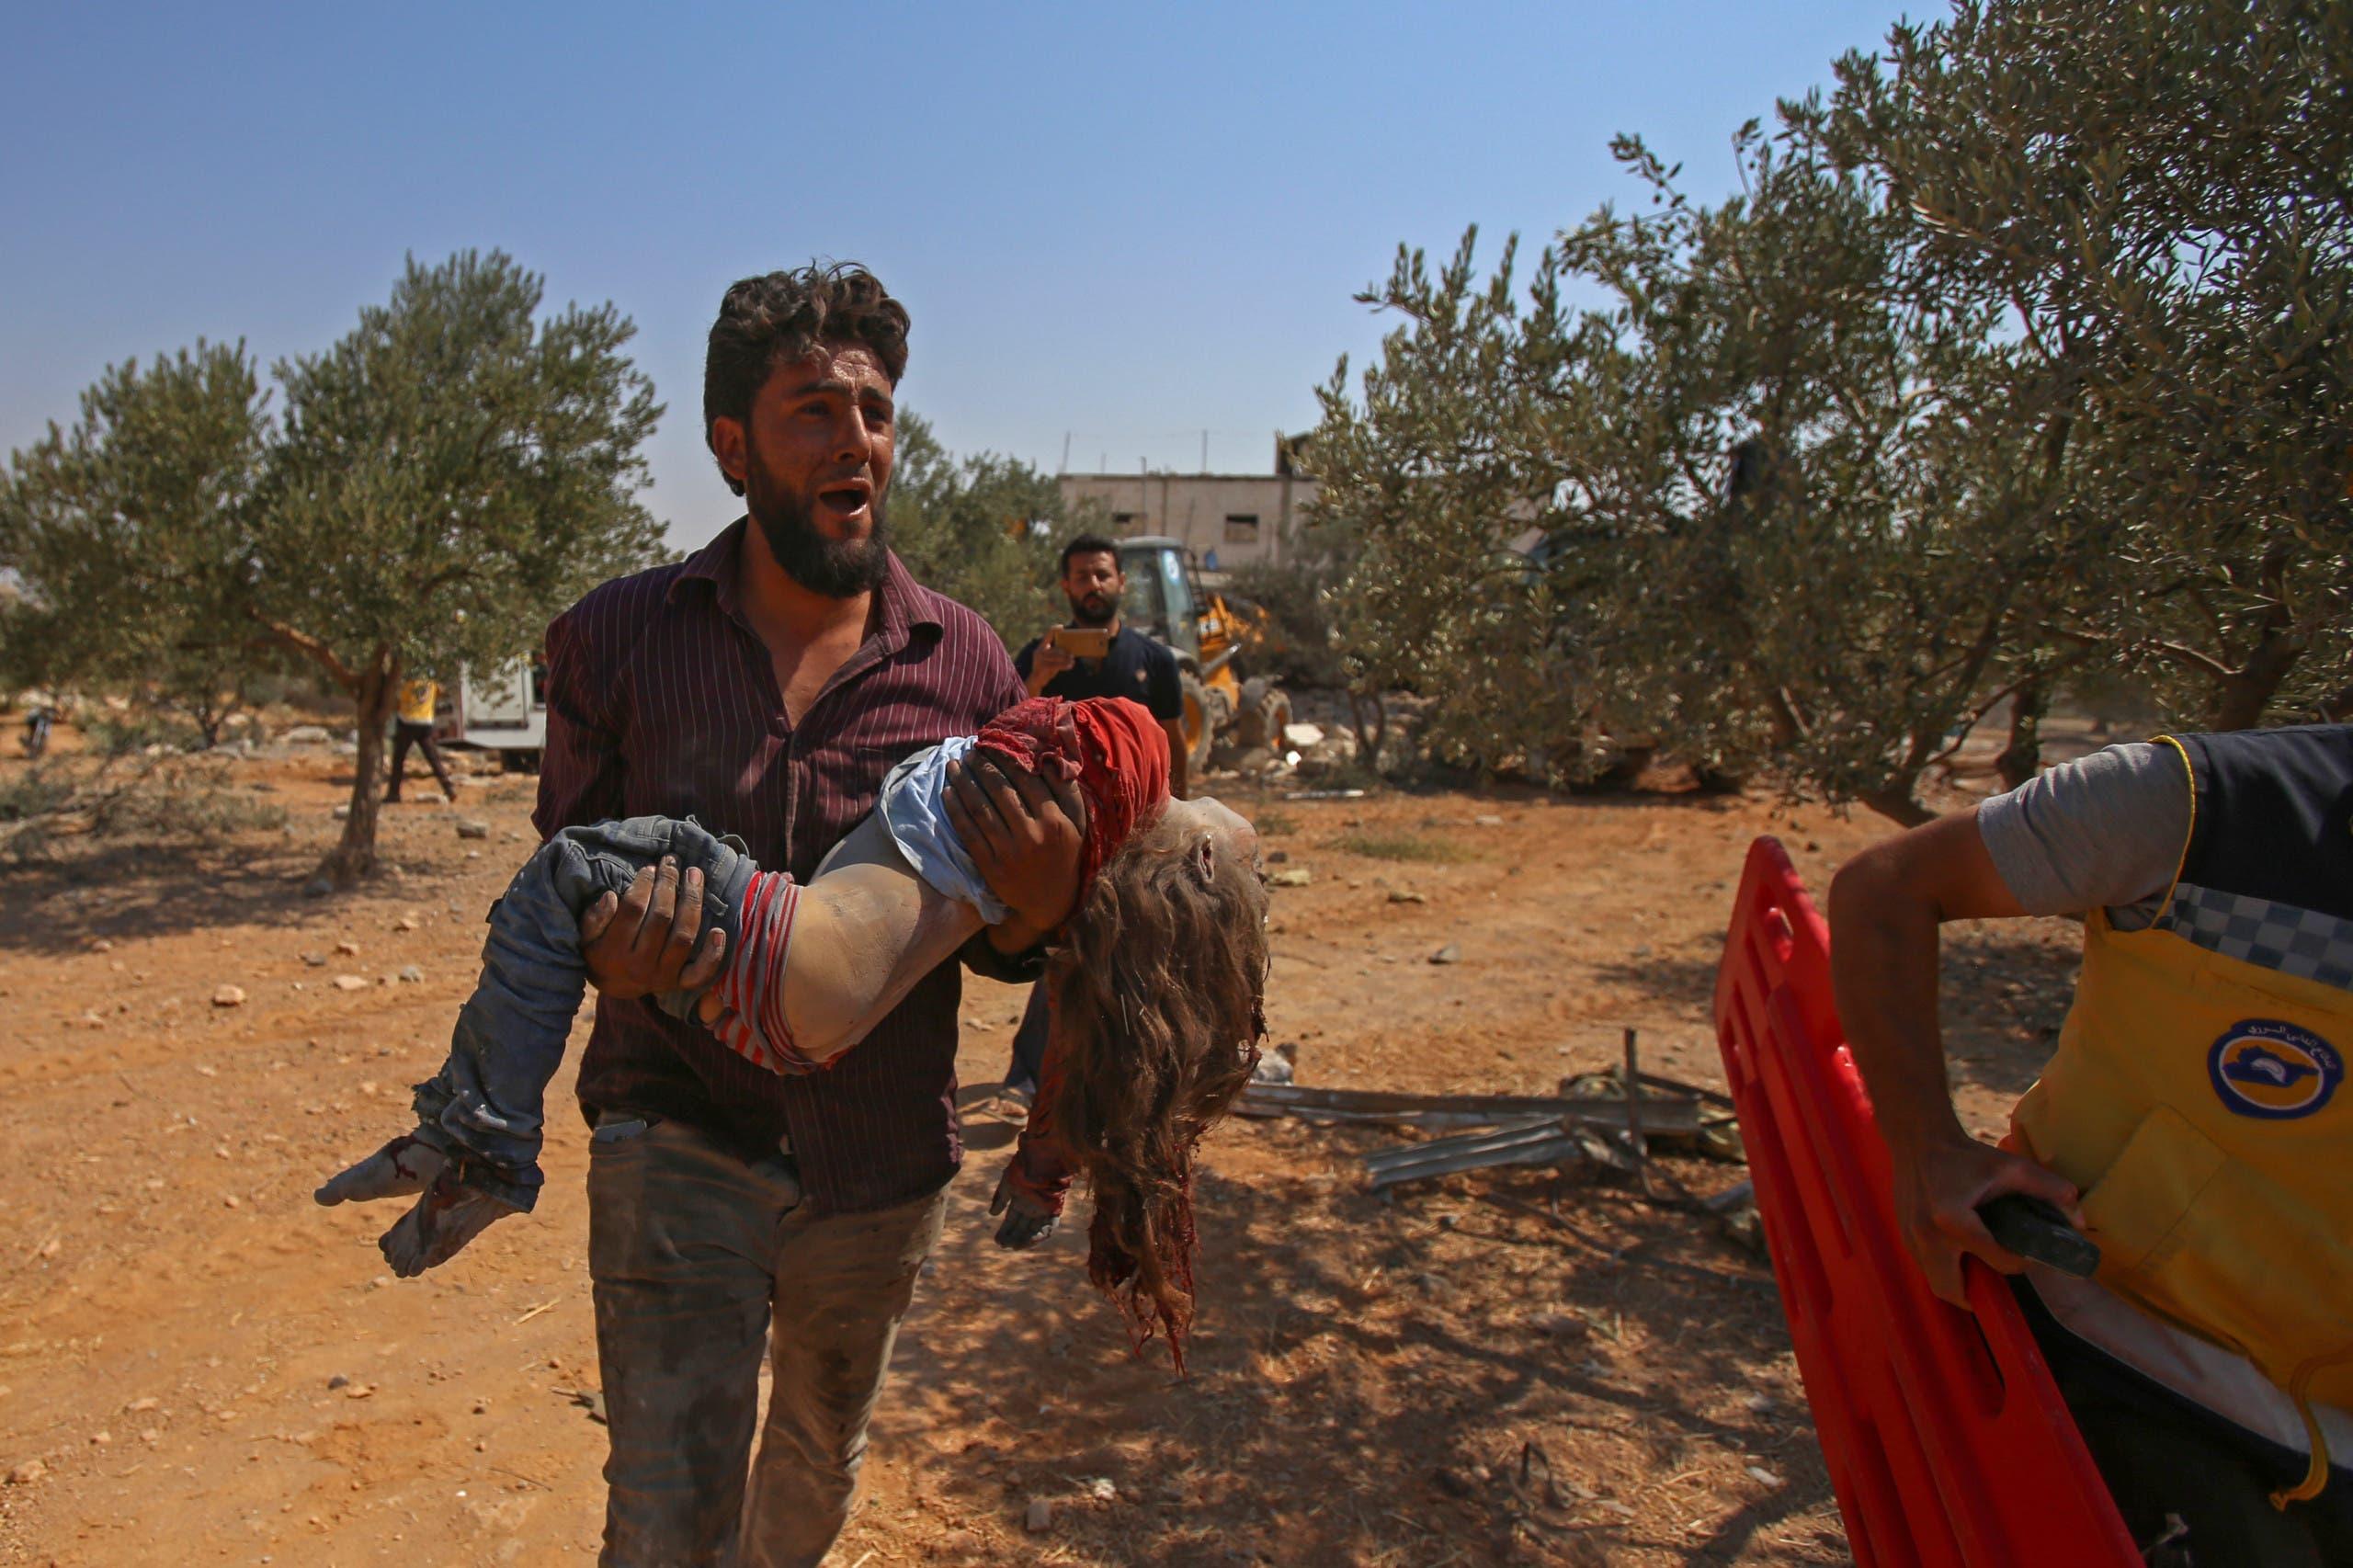 شاب يحمل جثة طفلة